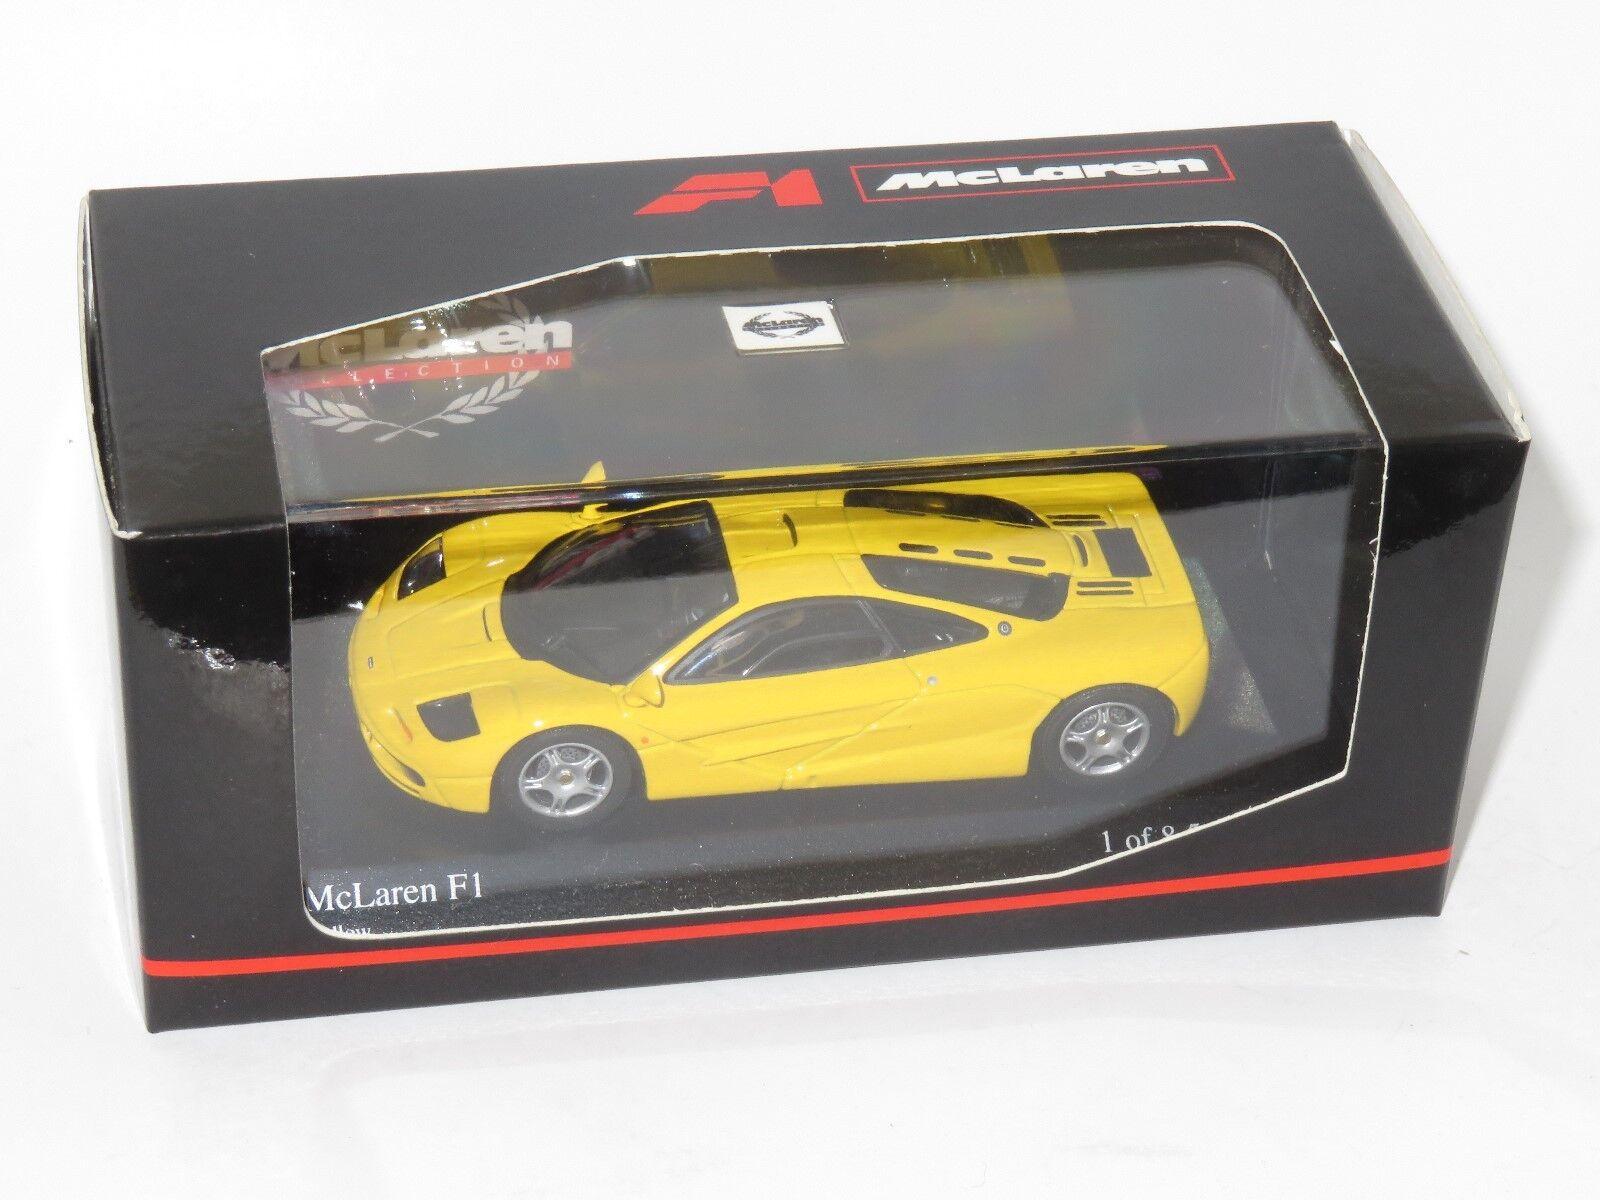 1 43 McLaren F1  Yellow  Roadcar